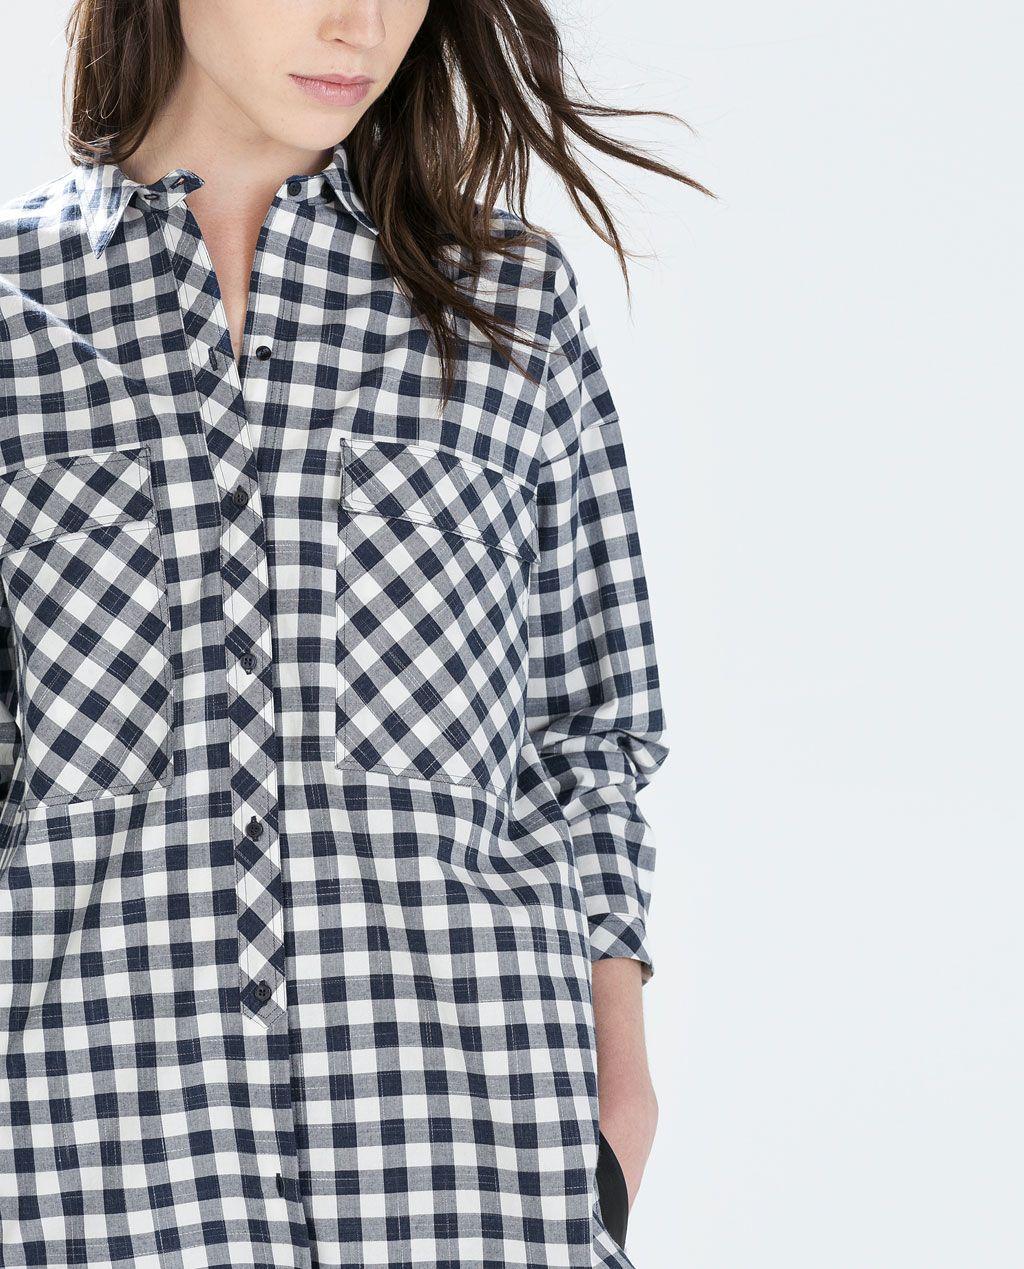 OversizeWishlist Camisas Mujer Cuadros Zara Camisa gfyY6b7